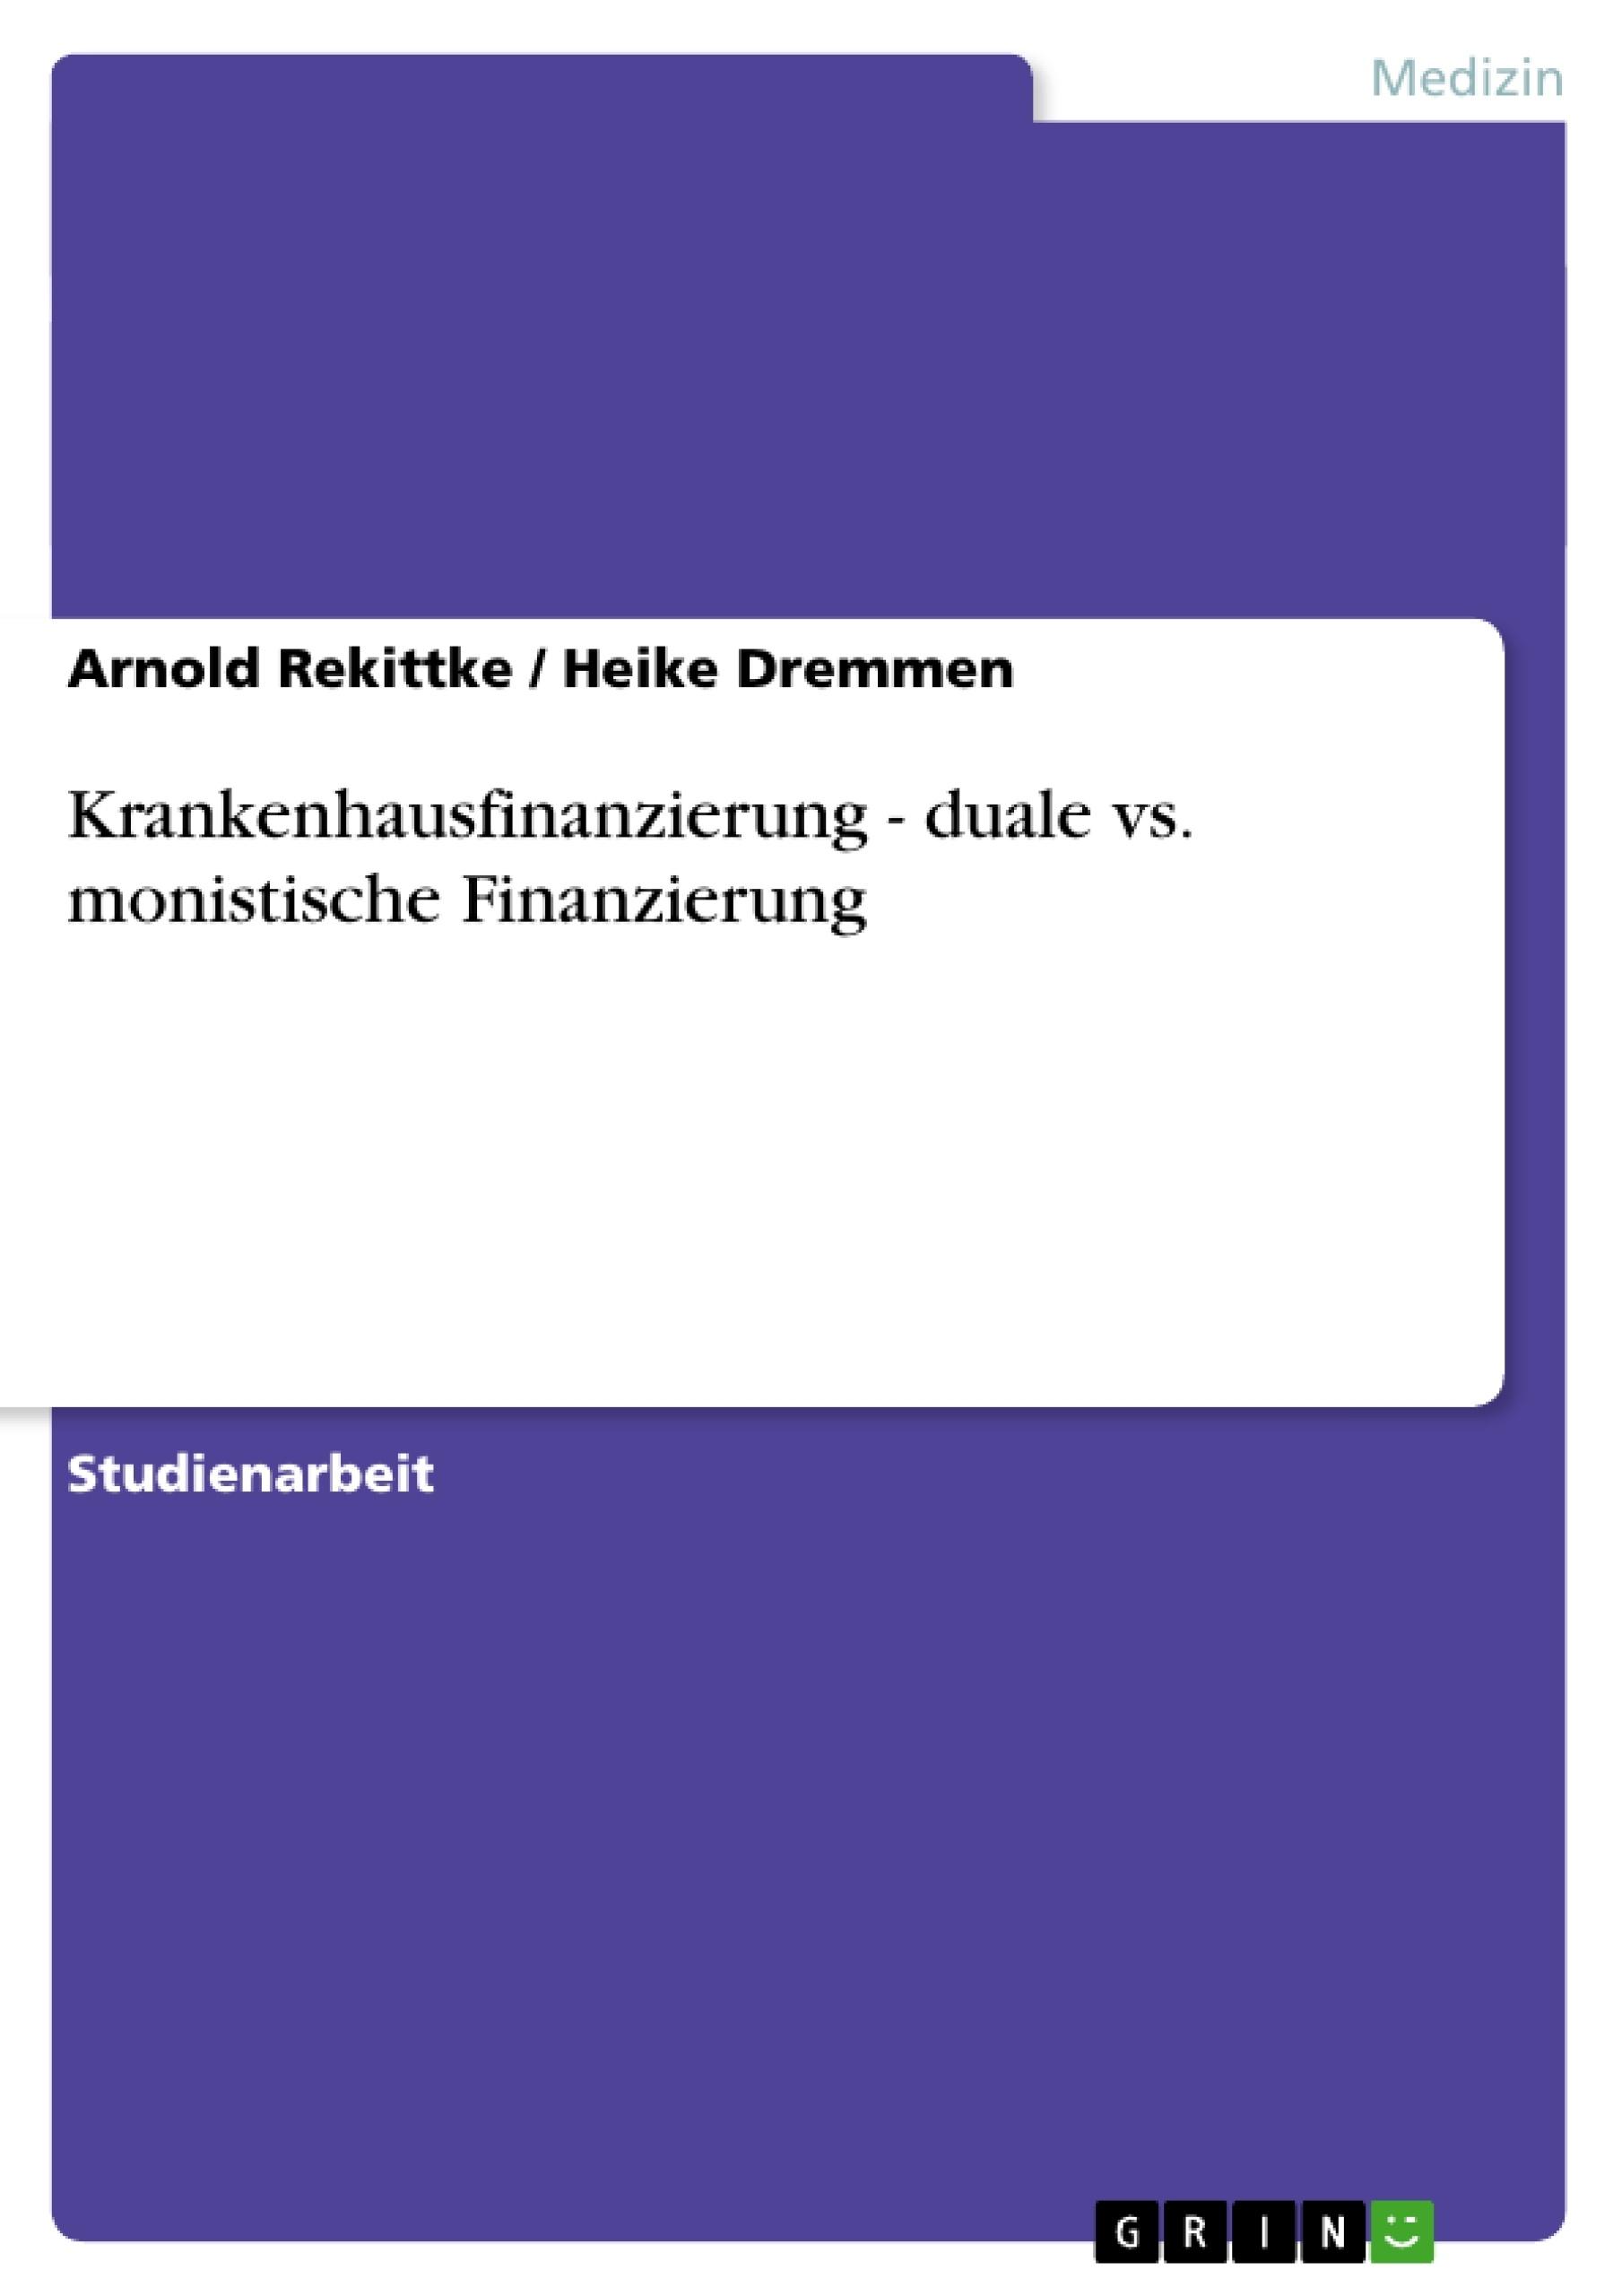 Titel: Krankenhausfinanzierung - duale vs. monistische Finanzierung